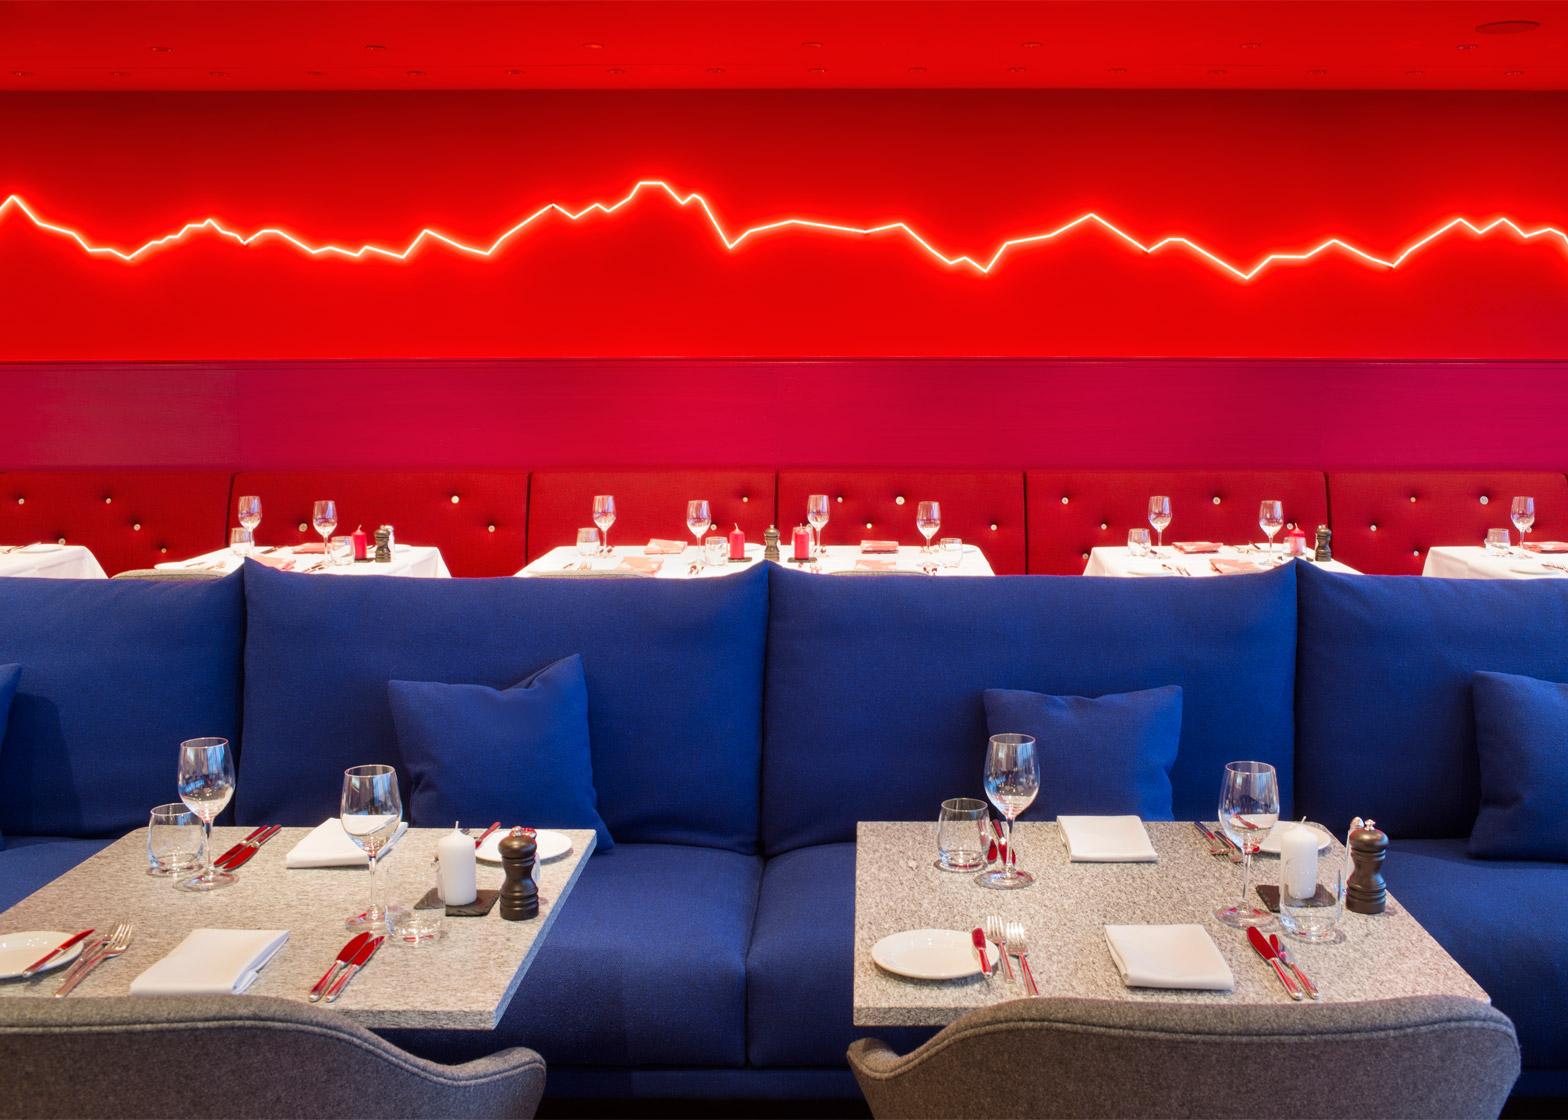 architecture_saltz_restaurant_the_dolder_grand_design_studia_interiors_osnovadesign_osnova_poltava_04